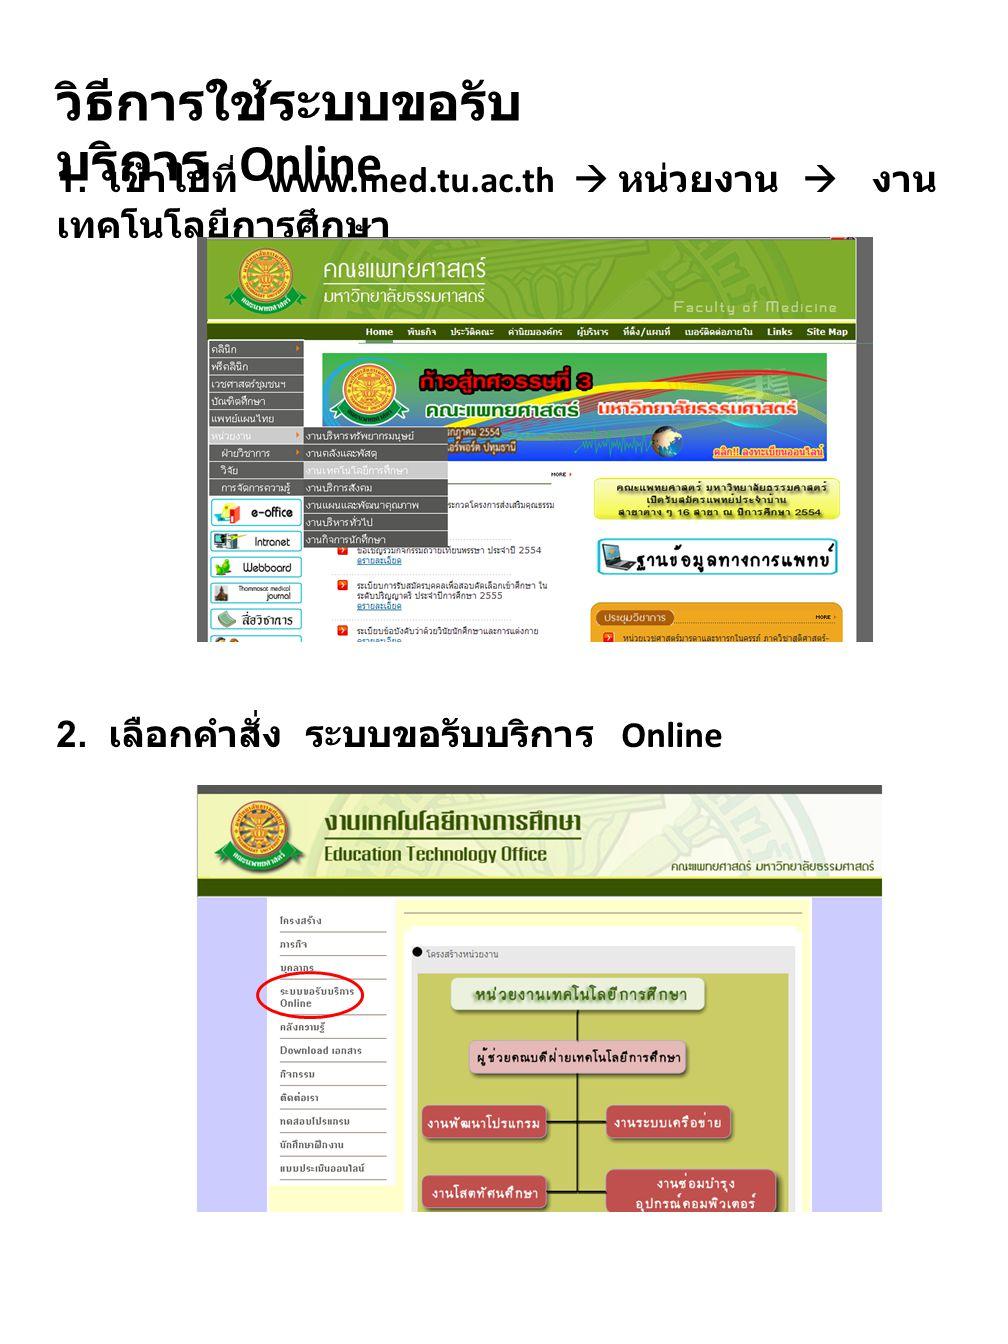 วิธีการใช้ระบบขอรับ บริการ Online 1.